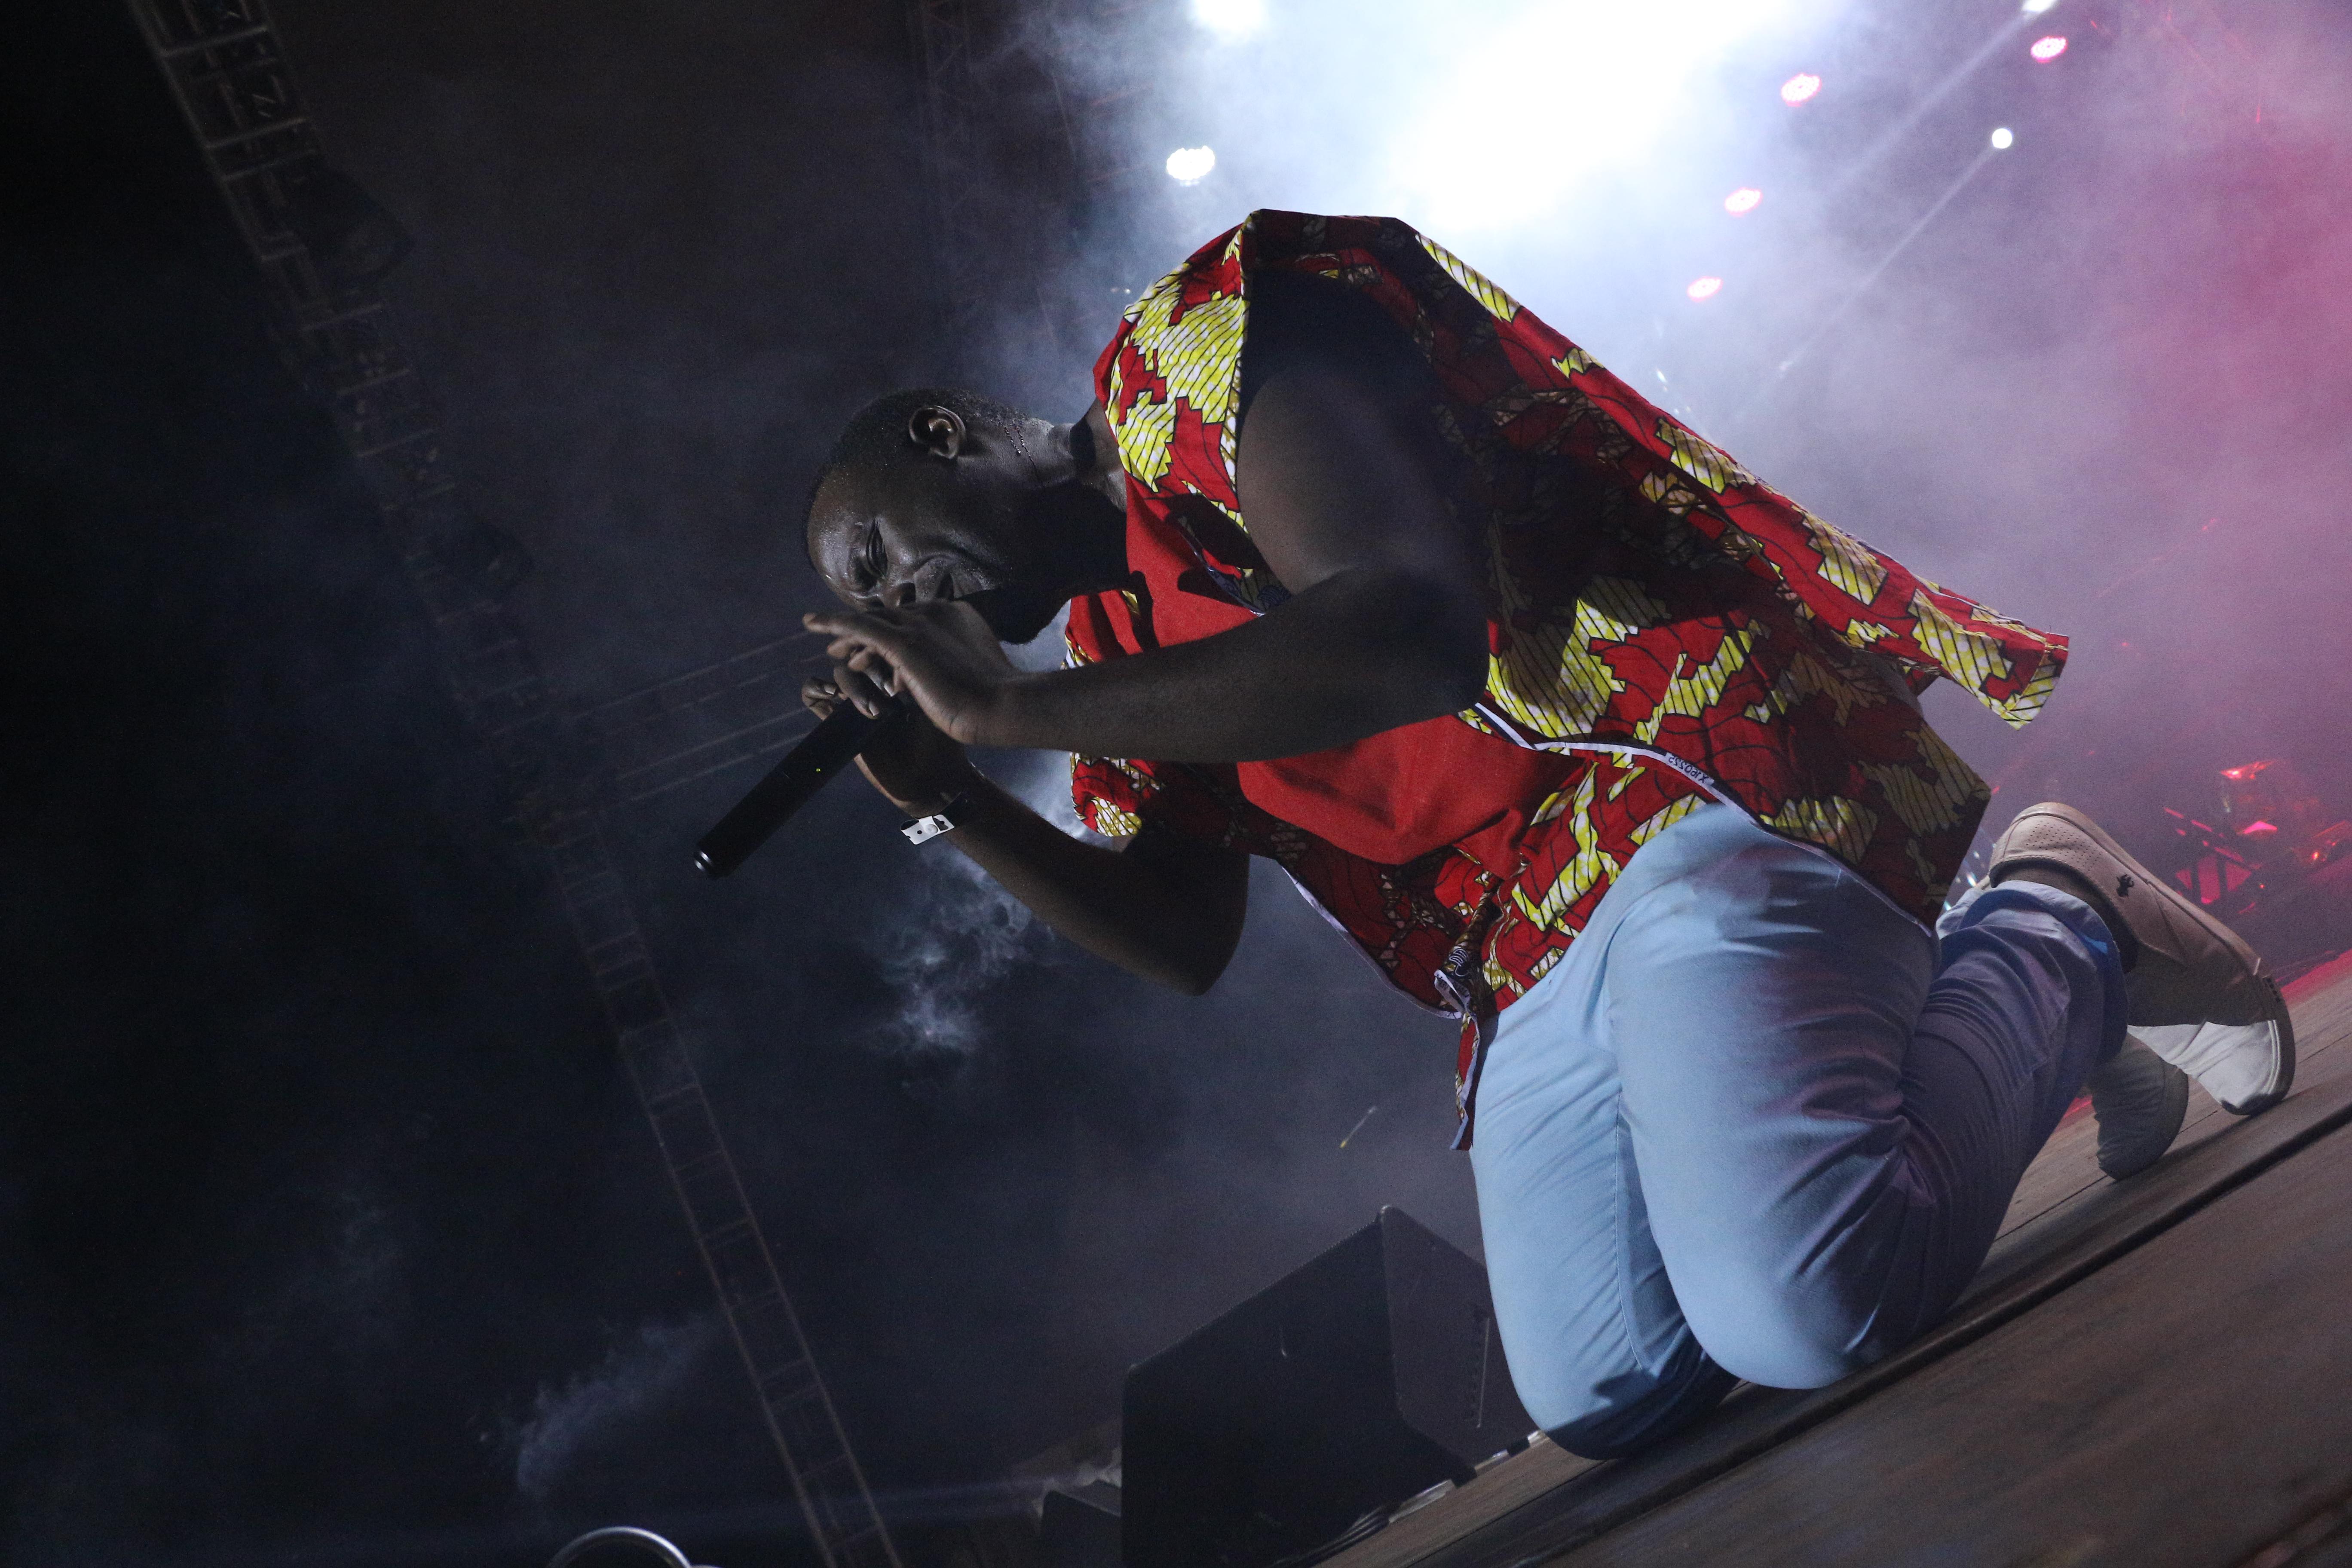 Ruyonga performing 'Sky high'